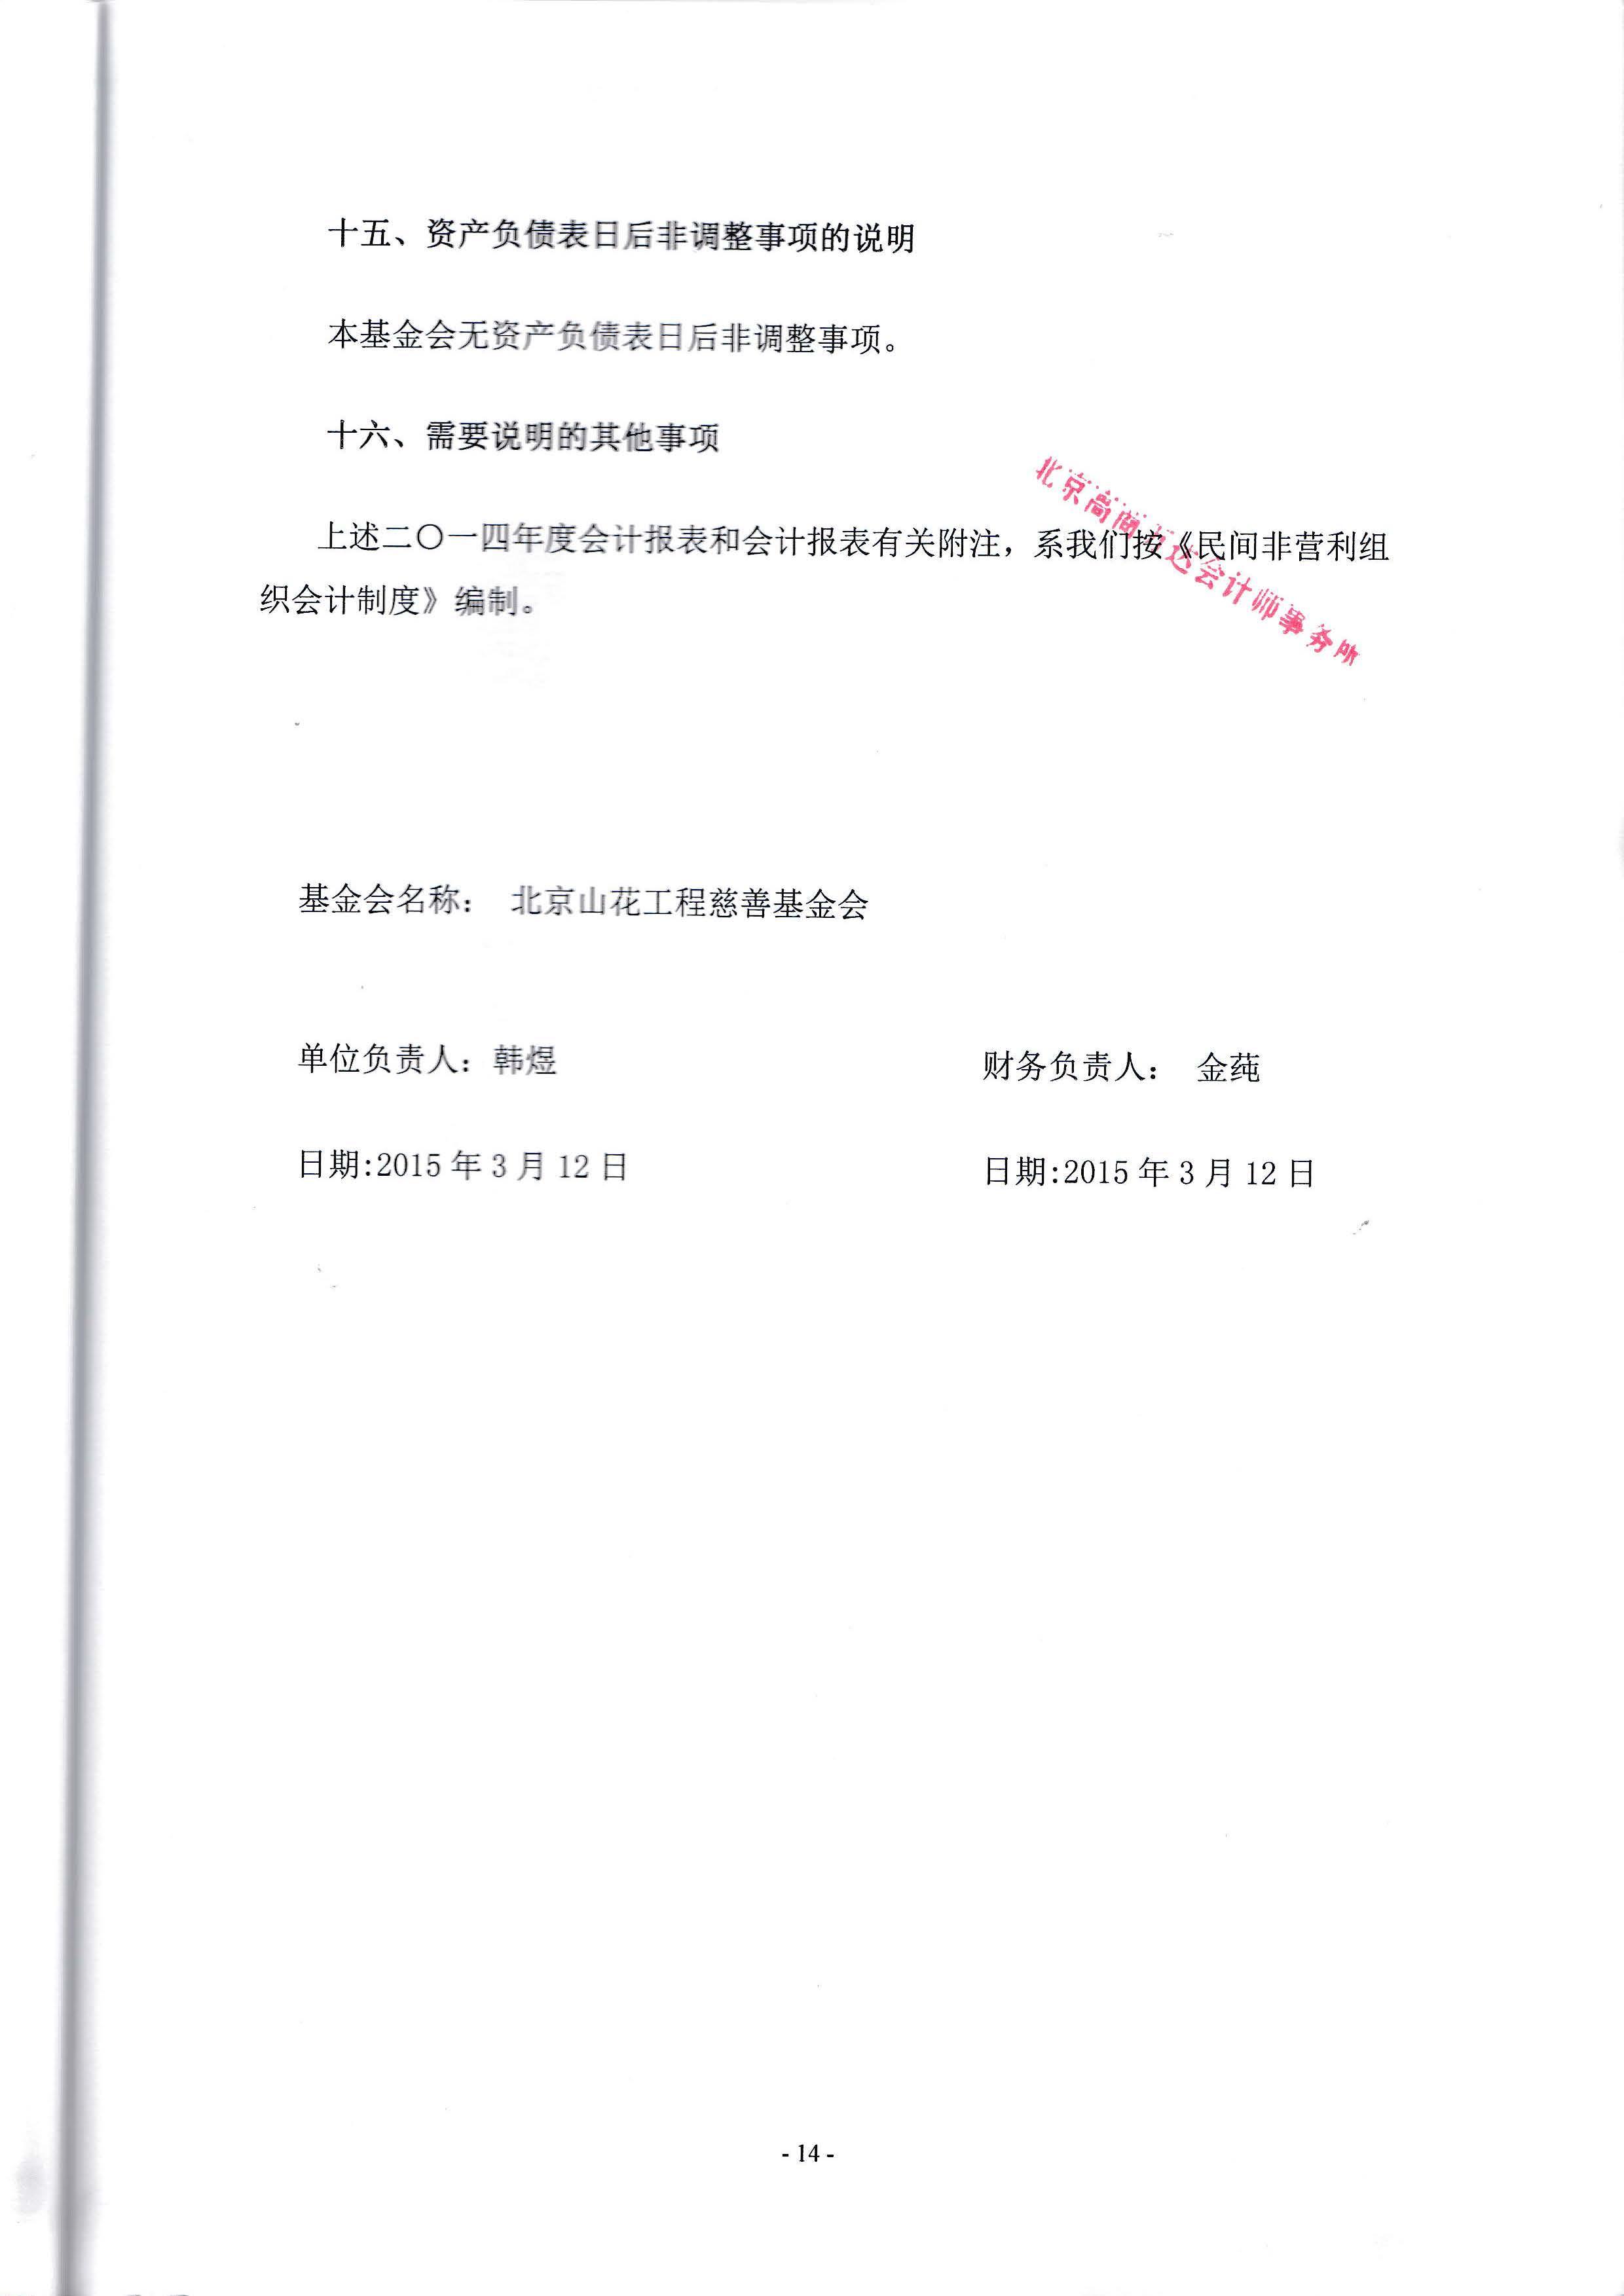 2014年审计报告_页面_16